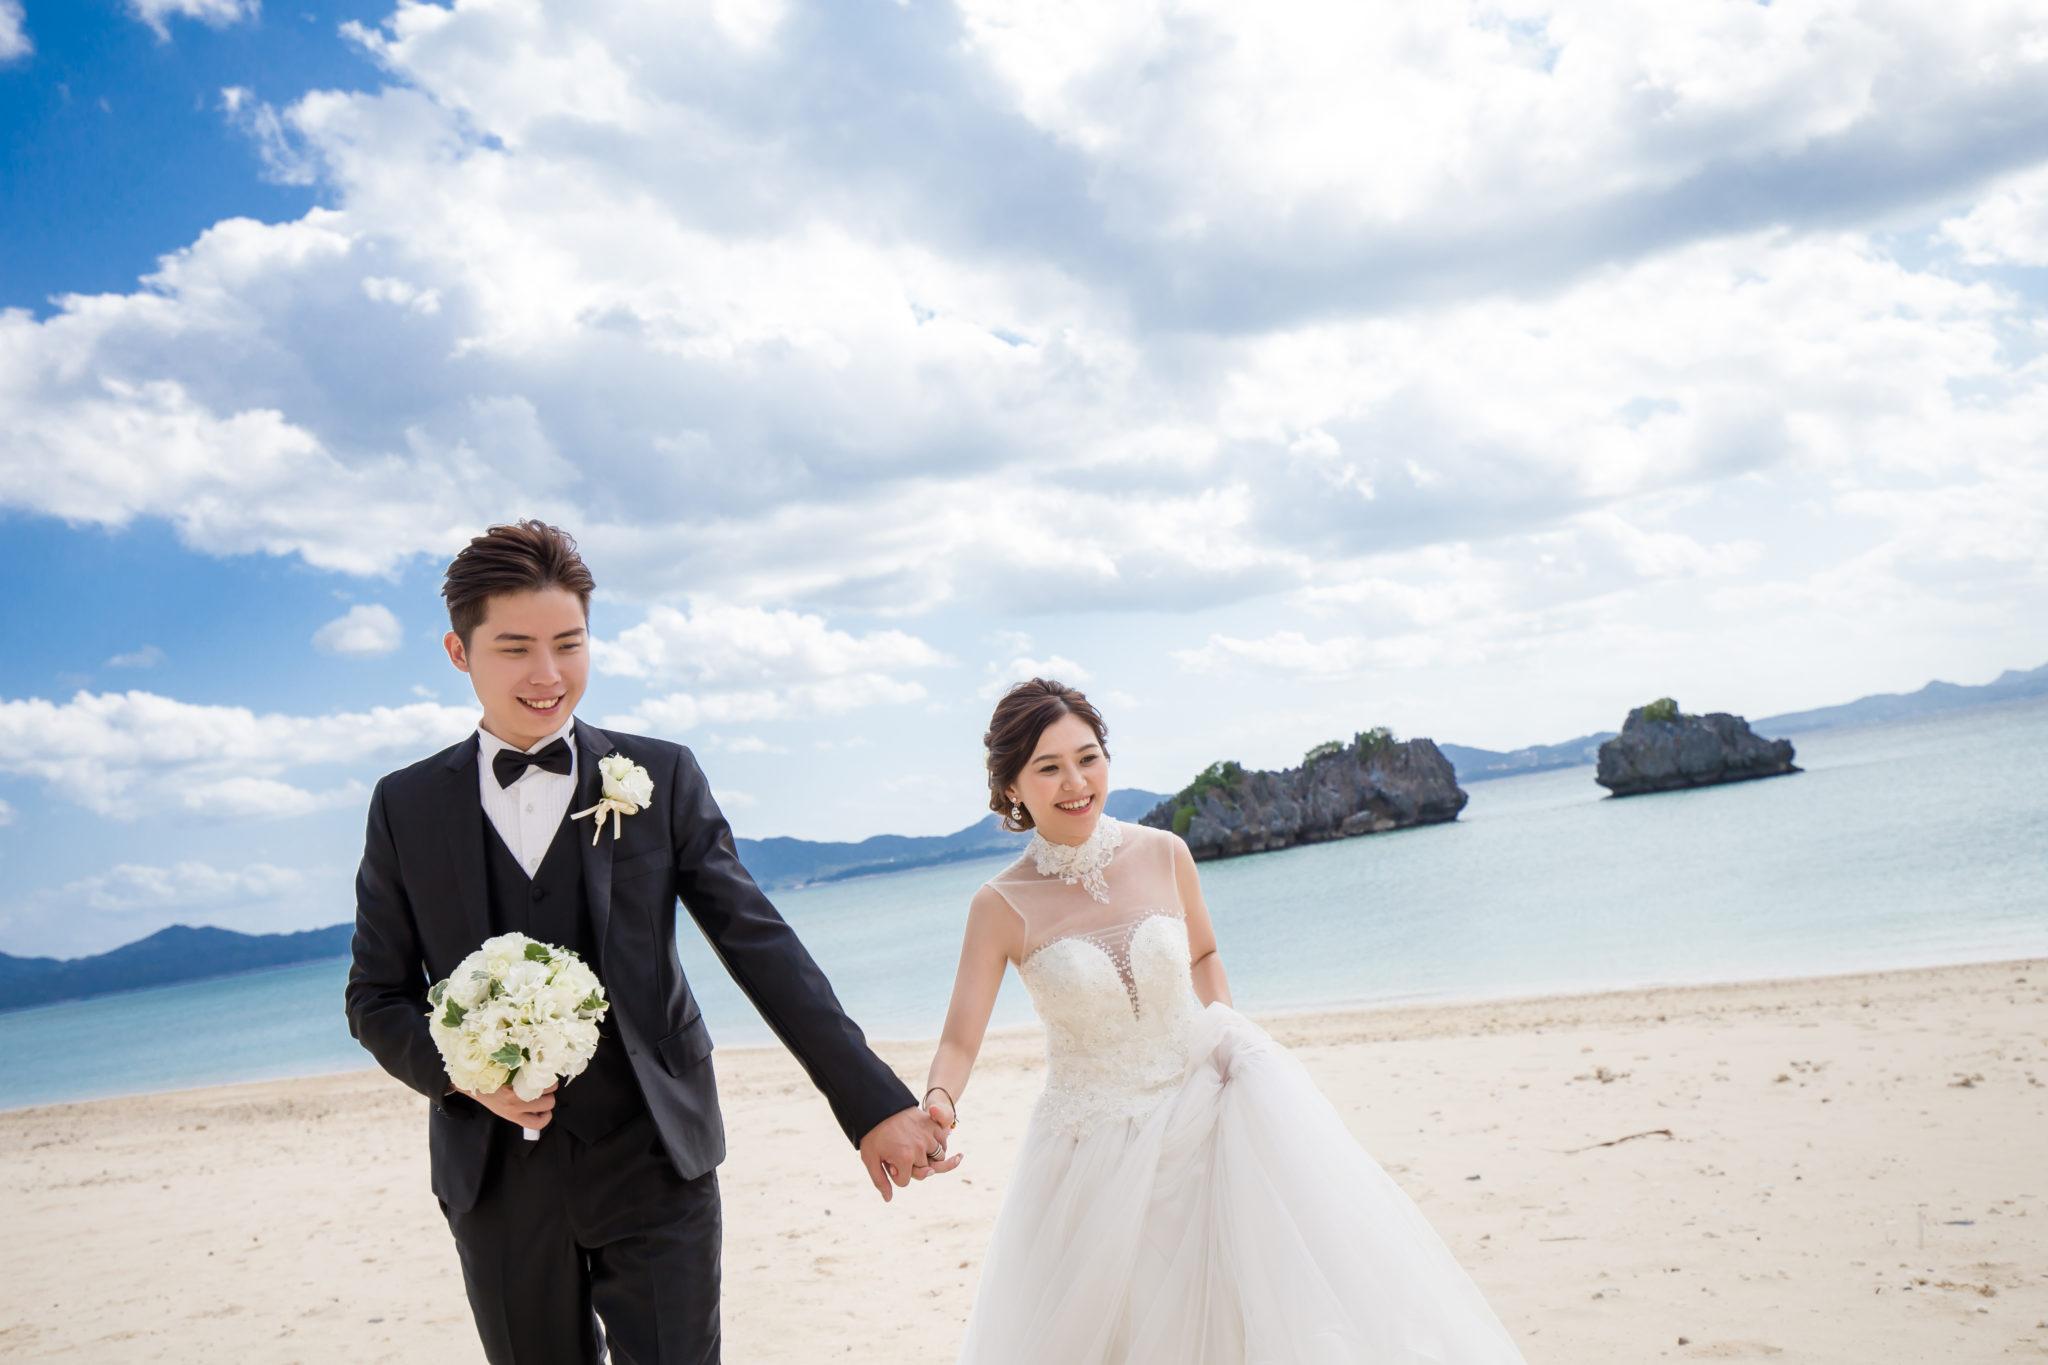 沖繩艾妮絲教堂的海灘拍照不止唯美